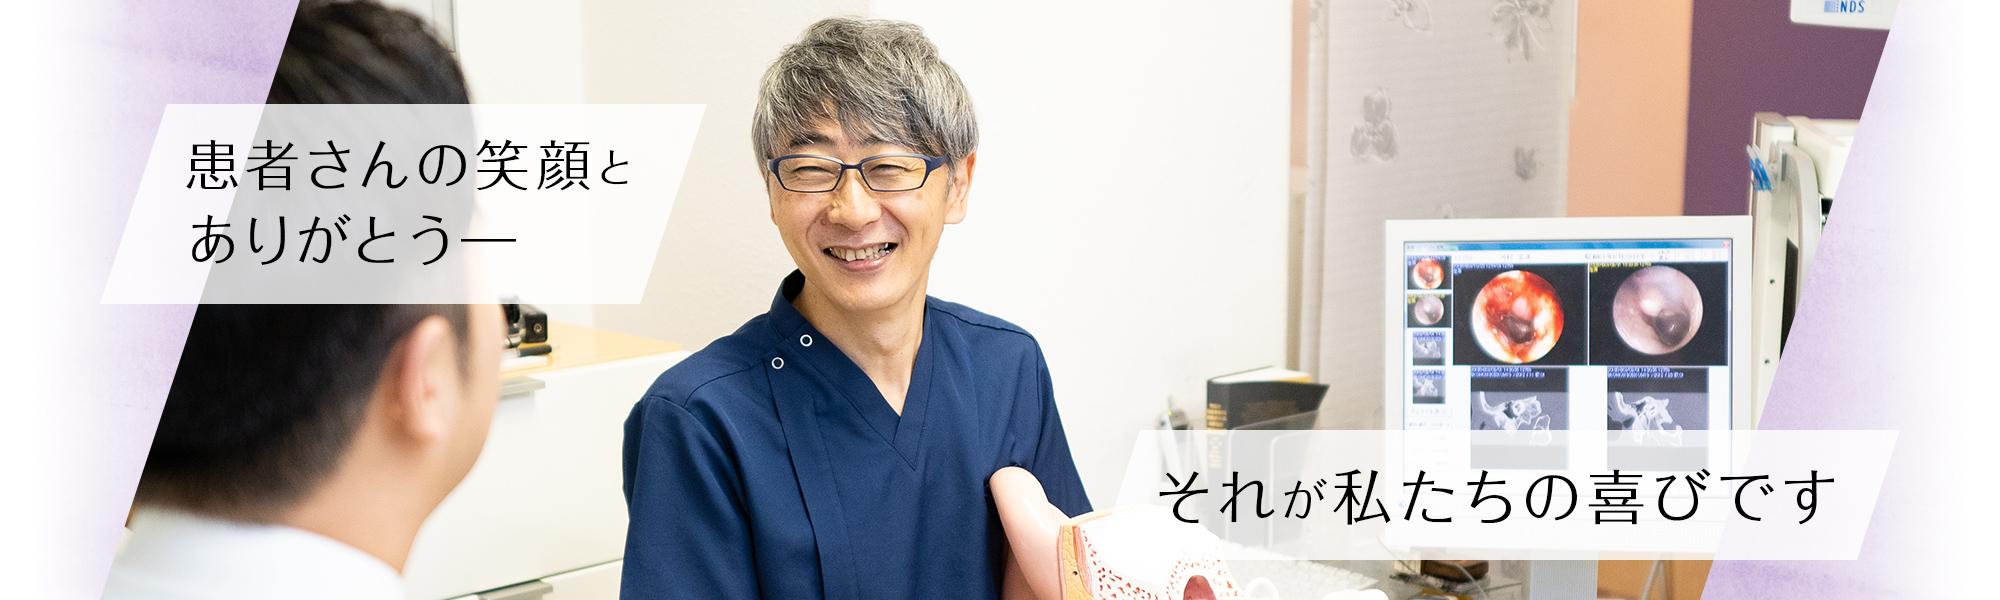 患者さんの笑顔と ありがとう―それが私たちの喜びです